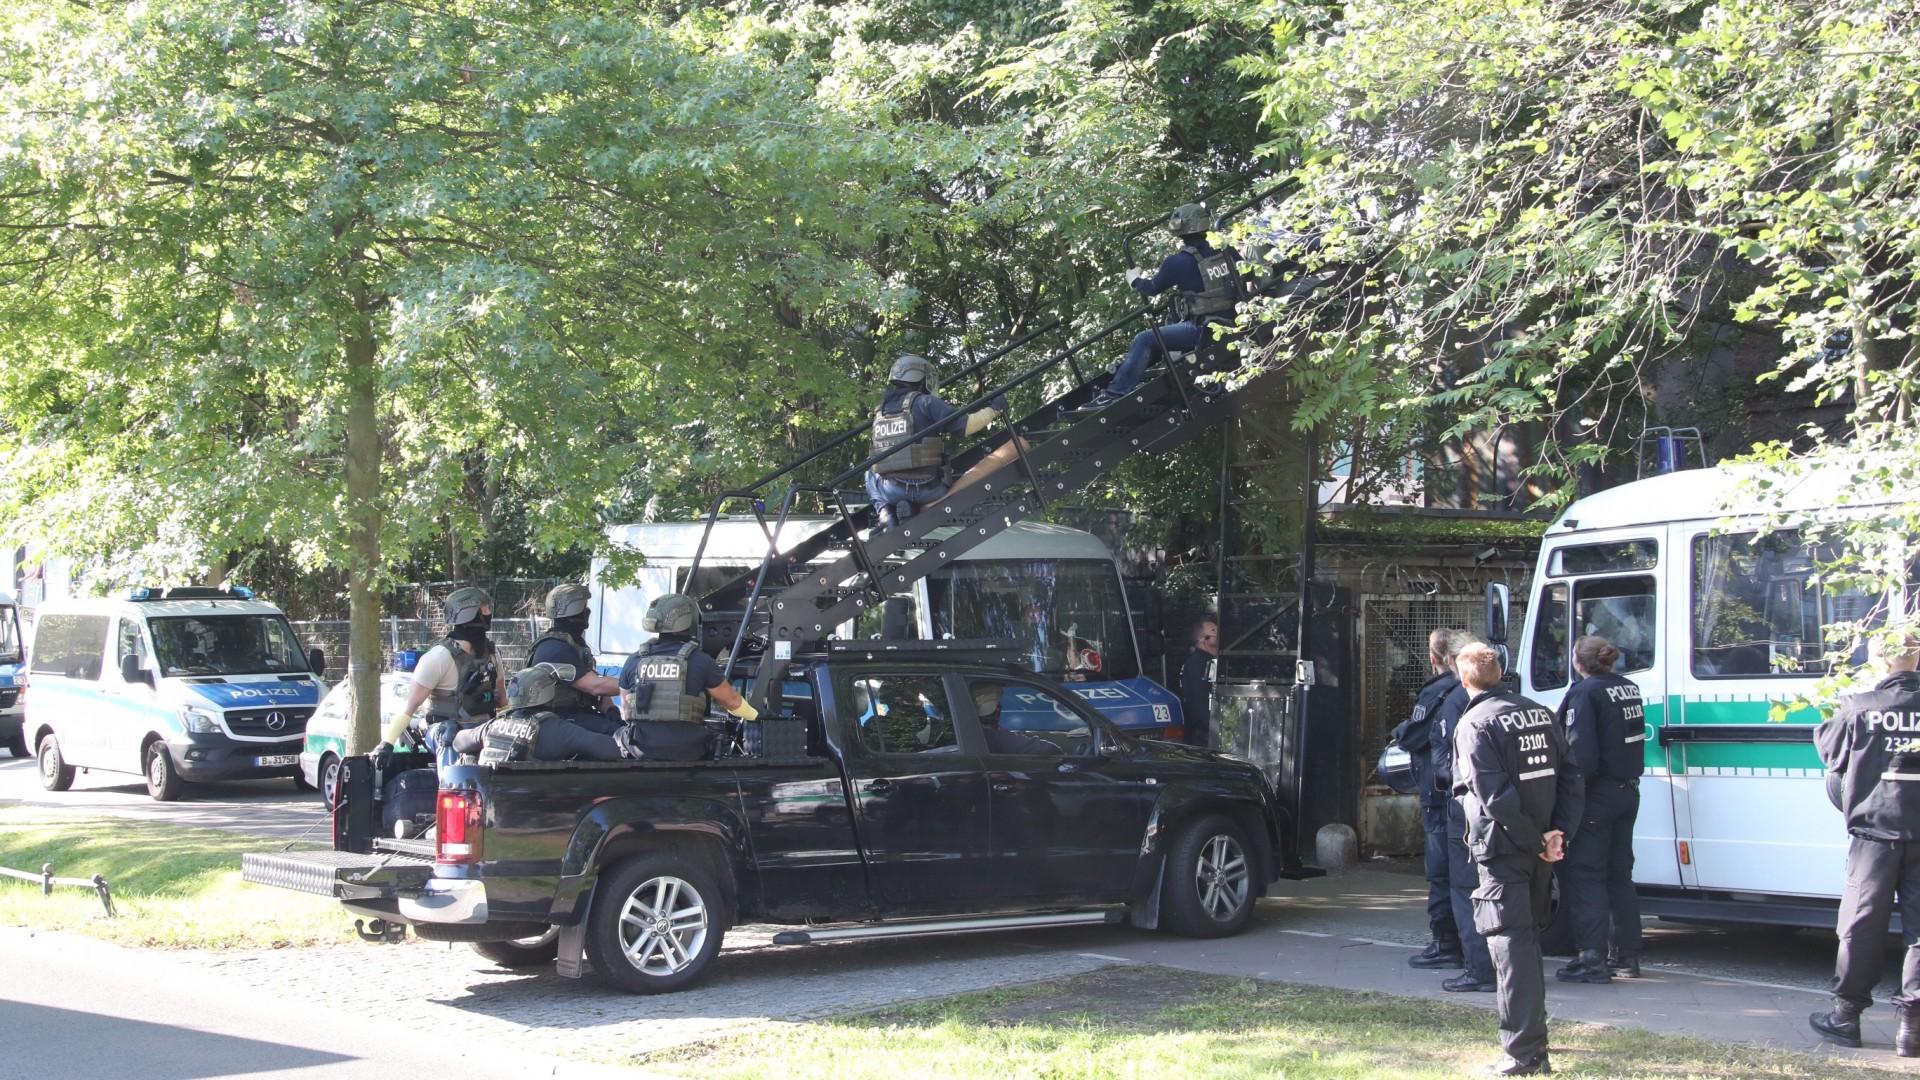 Man sieht einen schwarzen Jeep mit einer Treppe die zu einem Haus führt. Mehrere Cops sitzen auf dem Jeep, stehen drumherum, 2 Cops versuchen über die Treppe zu dem haus zu gelangen.